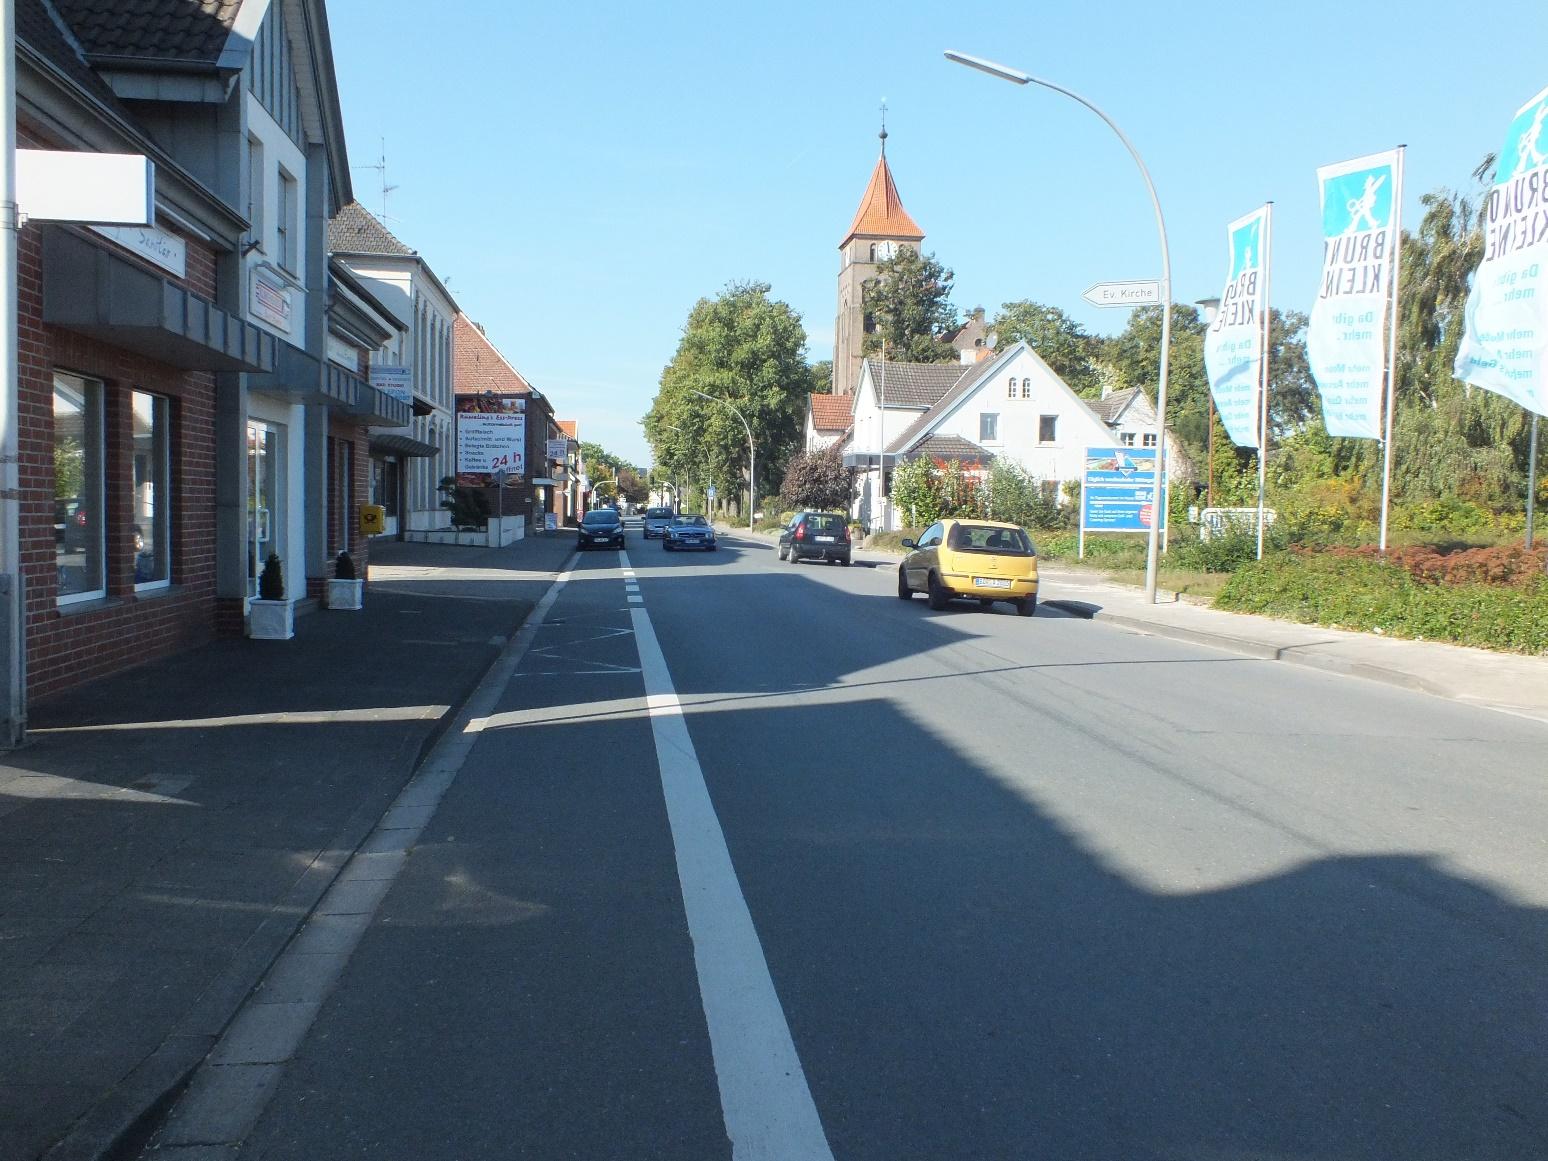 Bild: Die CDU-Fraktion hat beantragt, dass im Rahmen der Sanierung auch ein verbreiterter Rad- und Gehweg  auf der Jakobistraße entsteht.